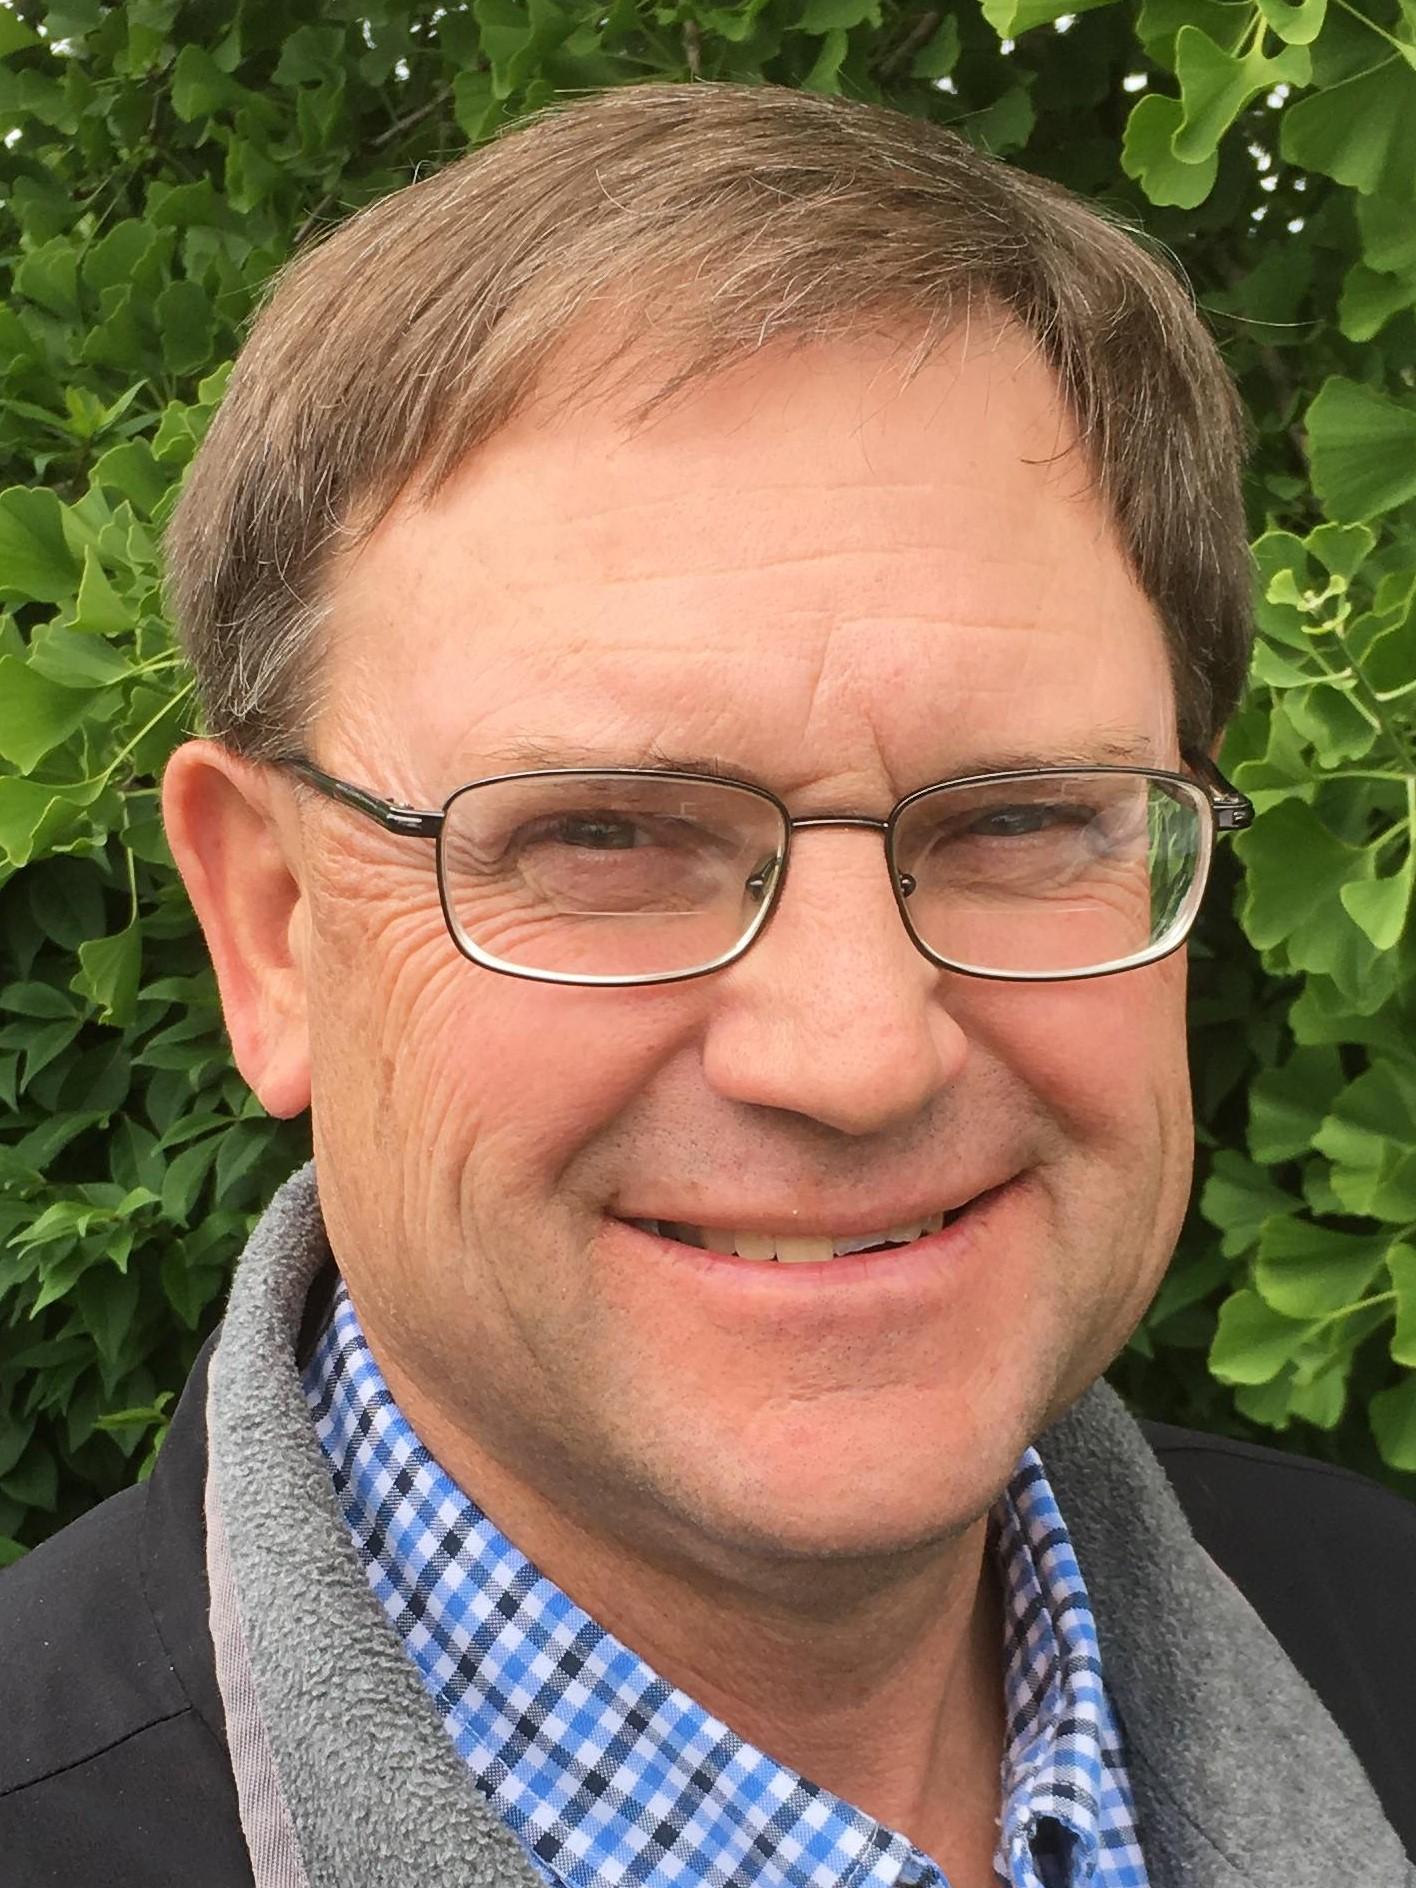 Geoffrey Vanden Heuvel